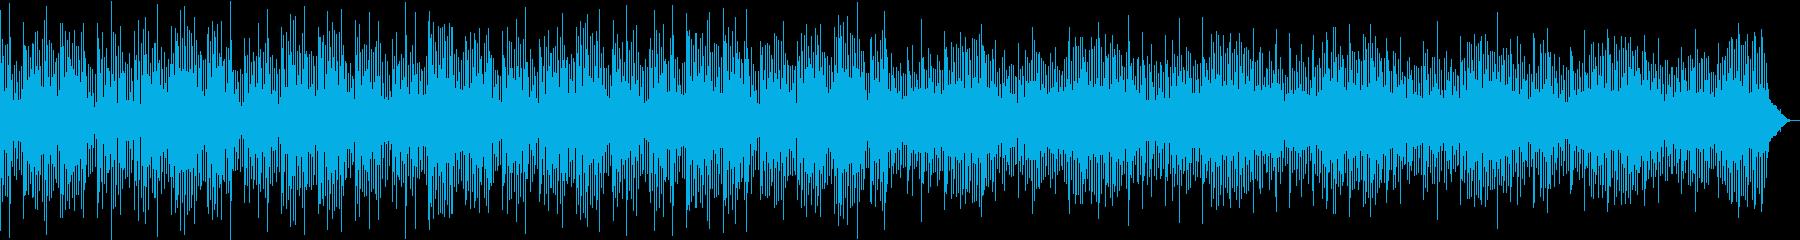 ニュース /悪化・不穏/ 2パターン入りの再生済みの波形